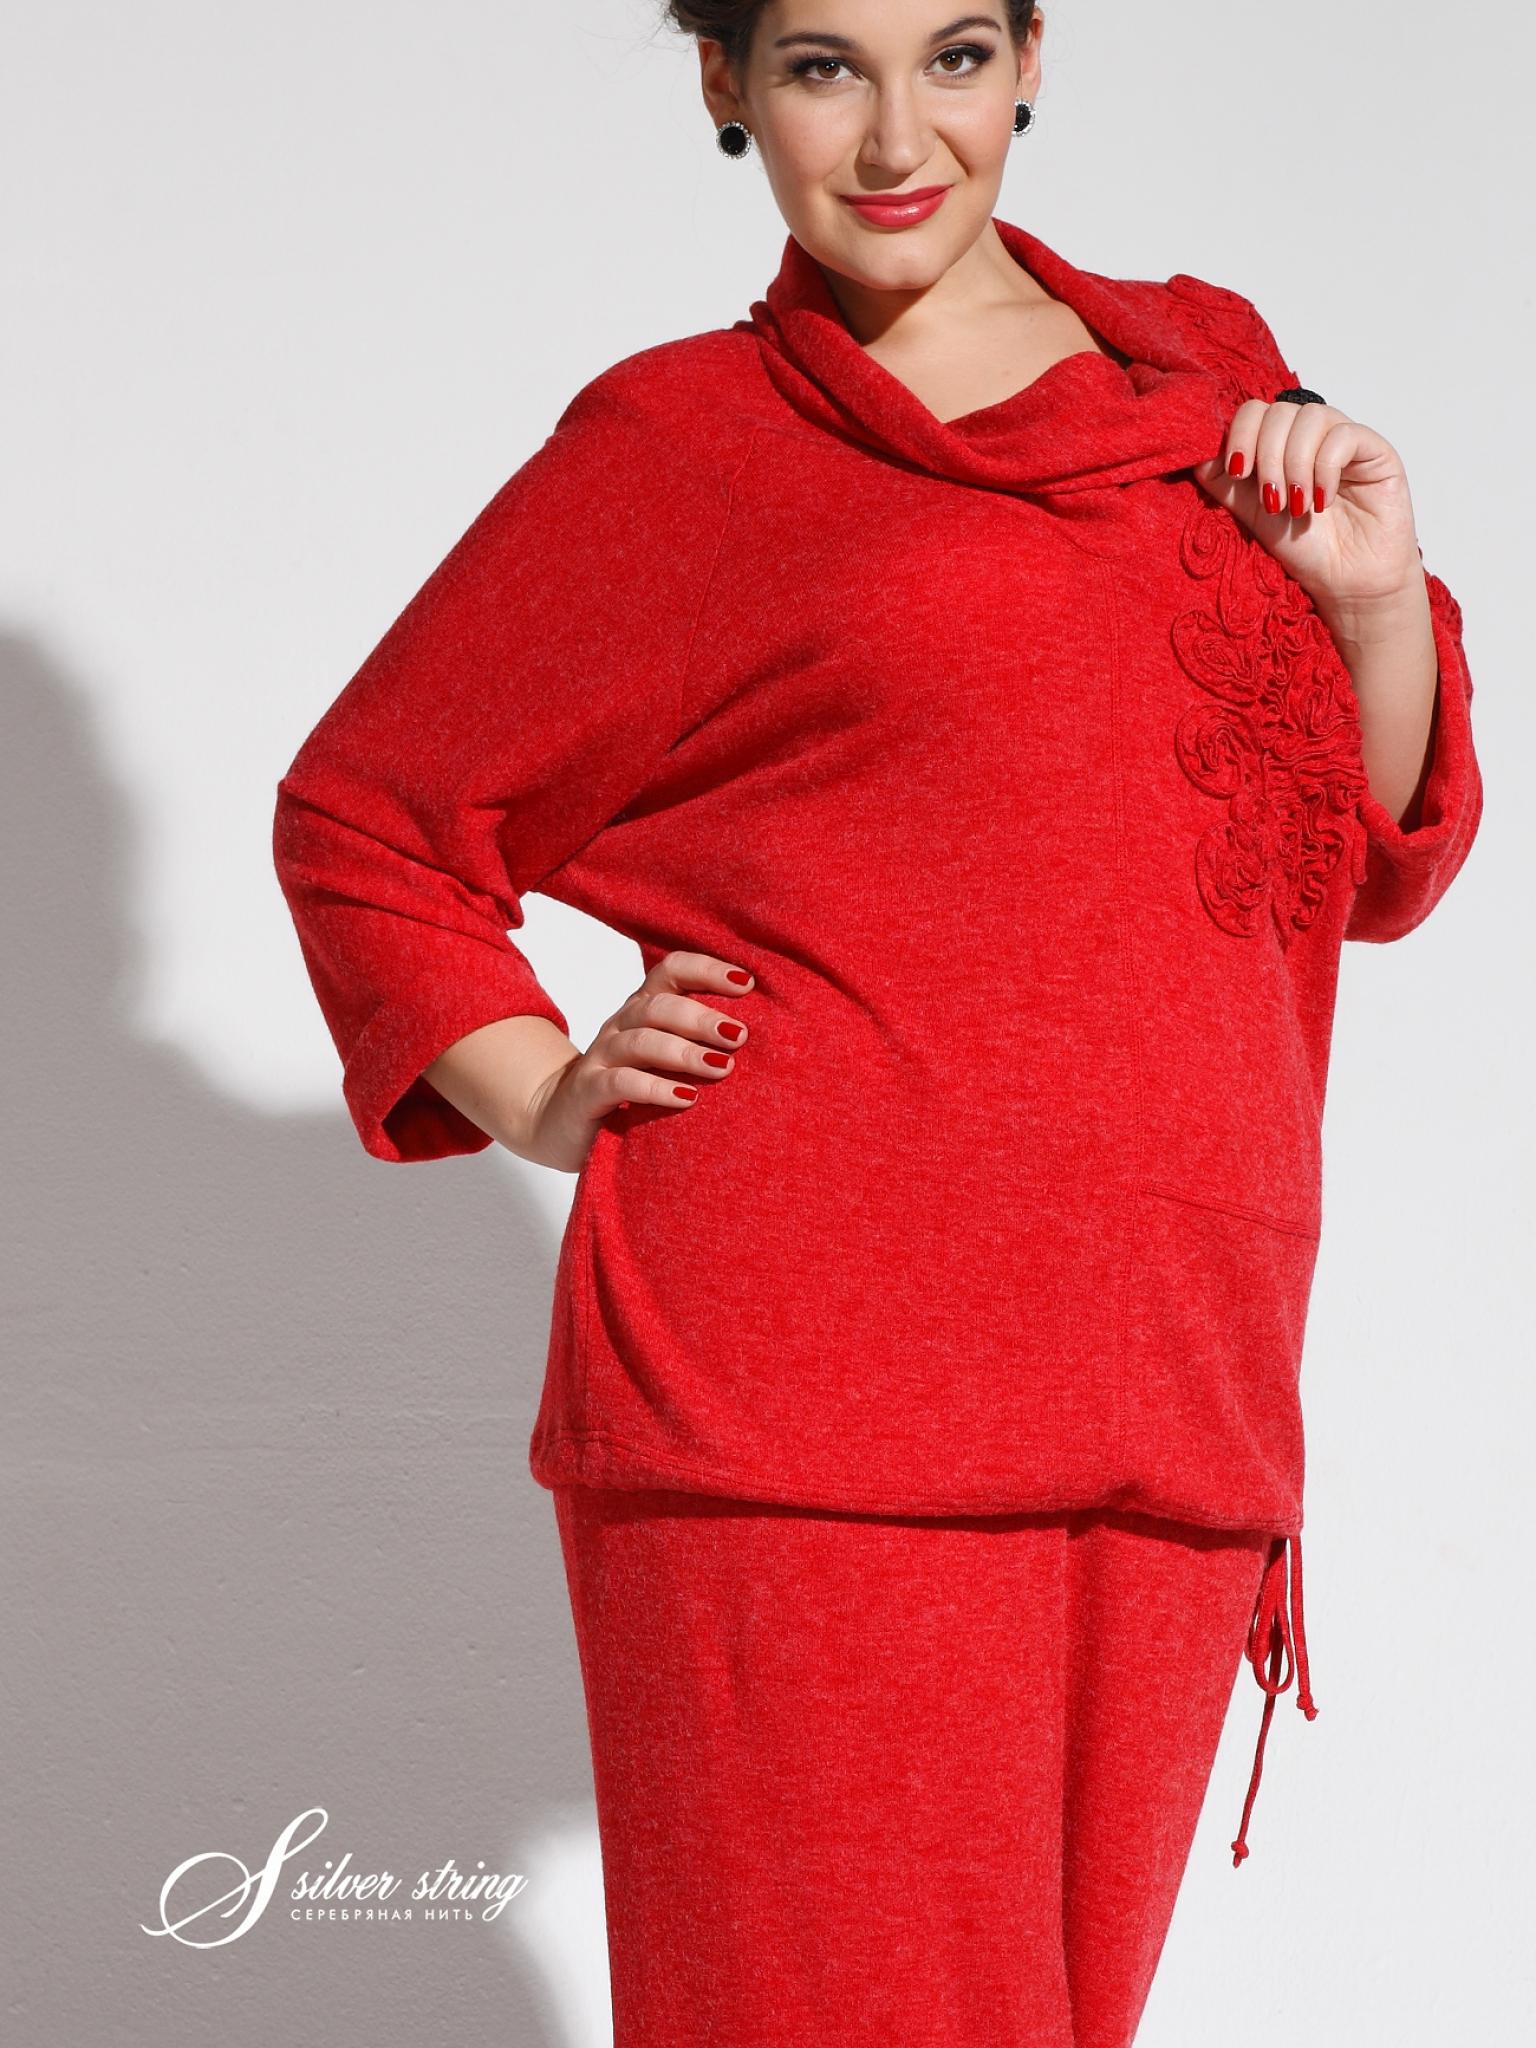 Женская Одежда Больших Размеров Сударушка С Доставкой